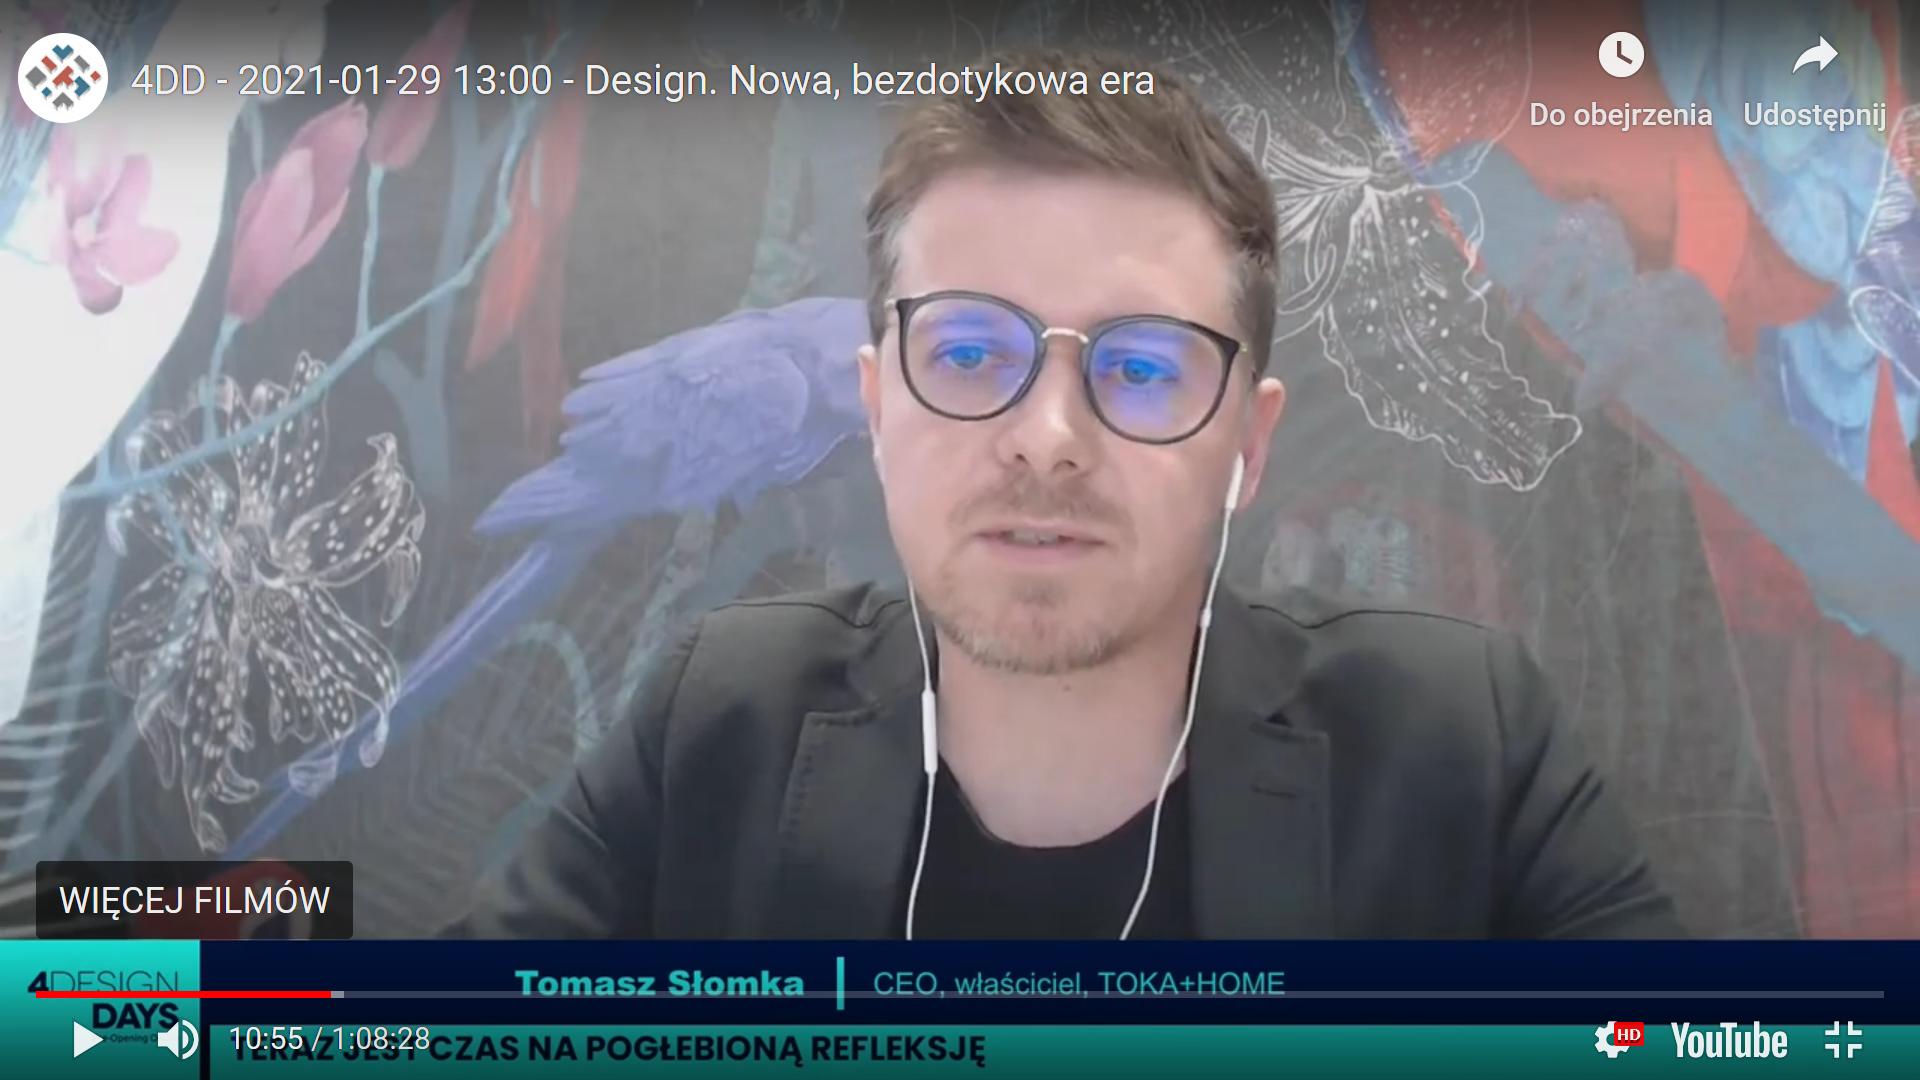 Tomasz Słomka